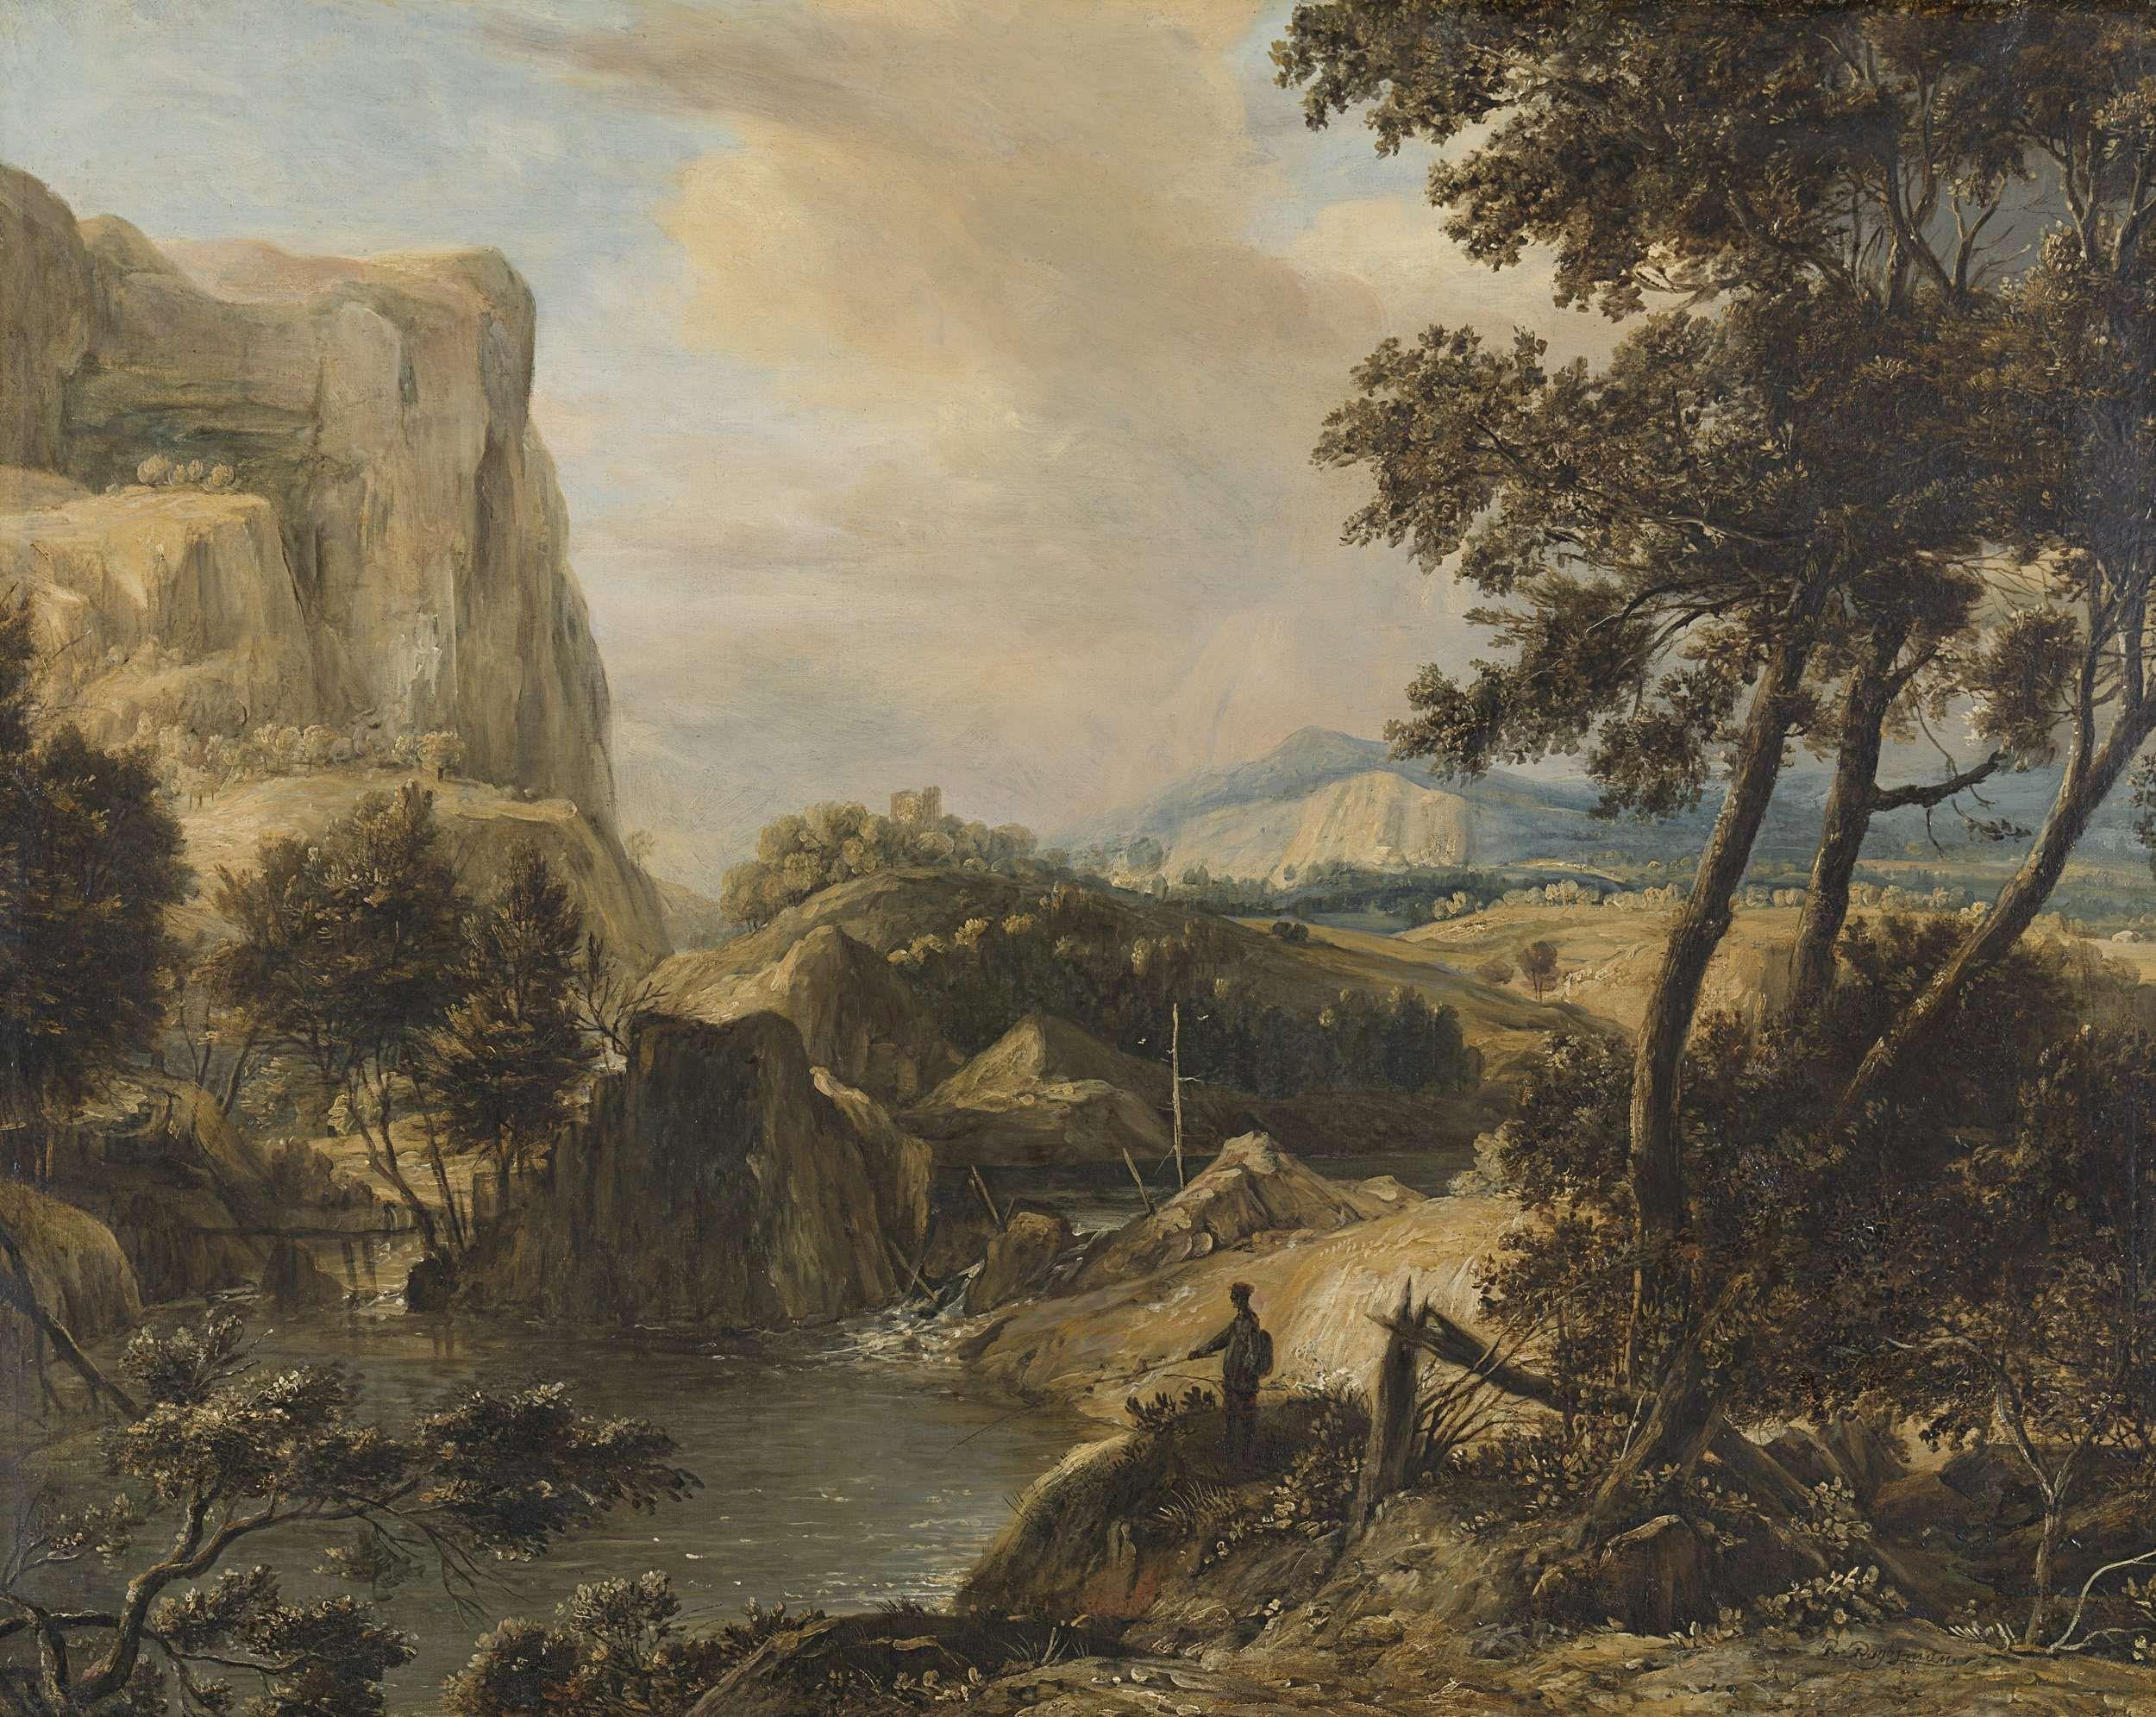 Roelant Roghman   Mountainous landscape with fisherman, Roelant Roghman, 1650 - 1692   Een bergachtig landschap met visser. Links hoge steile rotsen, rechts bomen. Op de voorgrond staat een man met een hengel te vissen in een meertje.